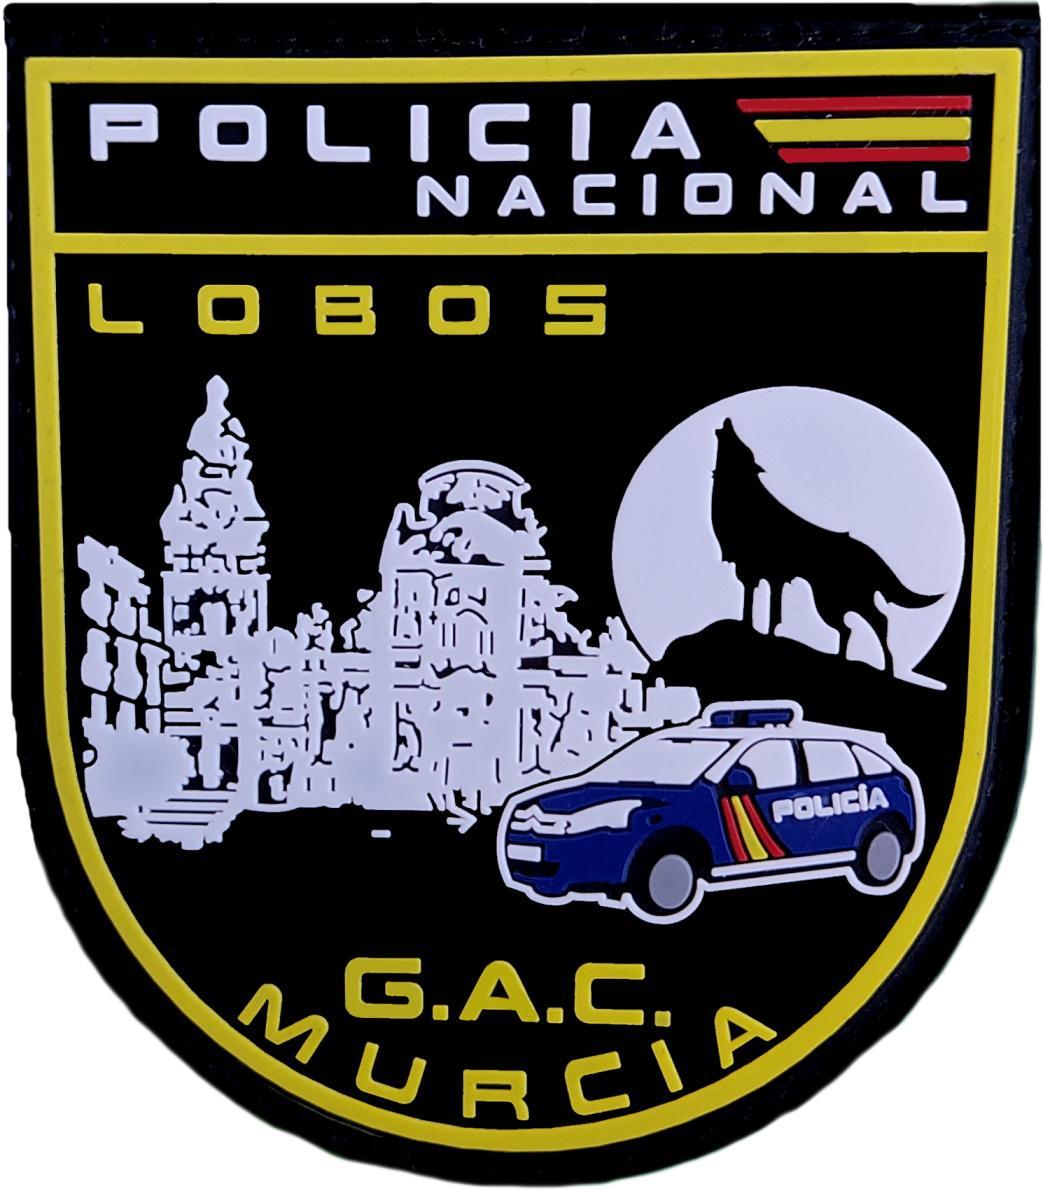 Policía Nacional CNP Grupo de Atención al Ciudadano GAC de Murcia Parche Insignia Emblema Distintivo